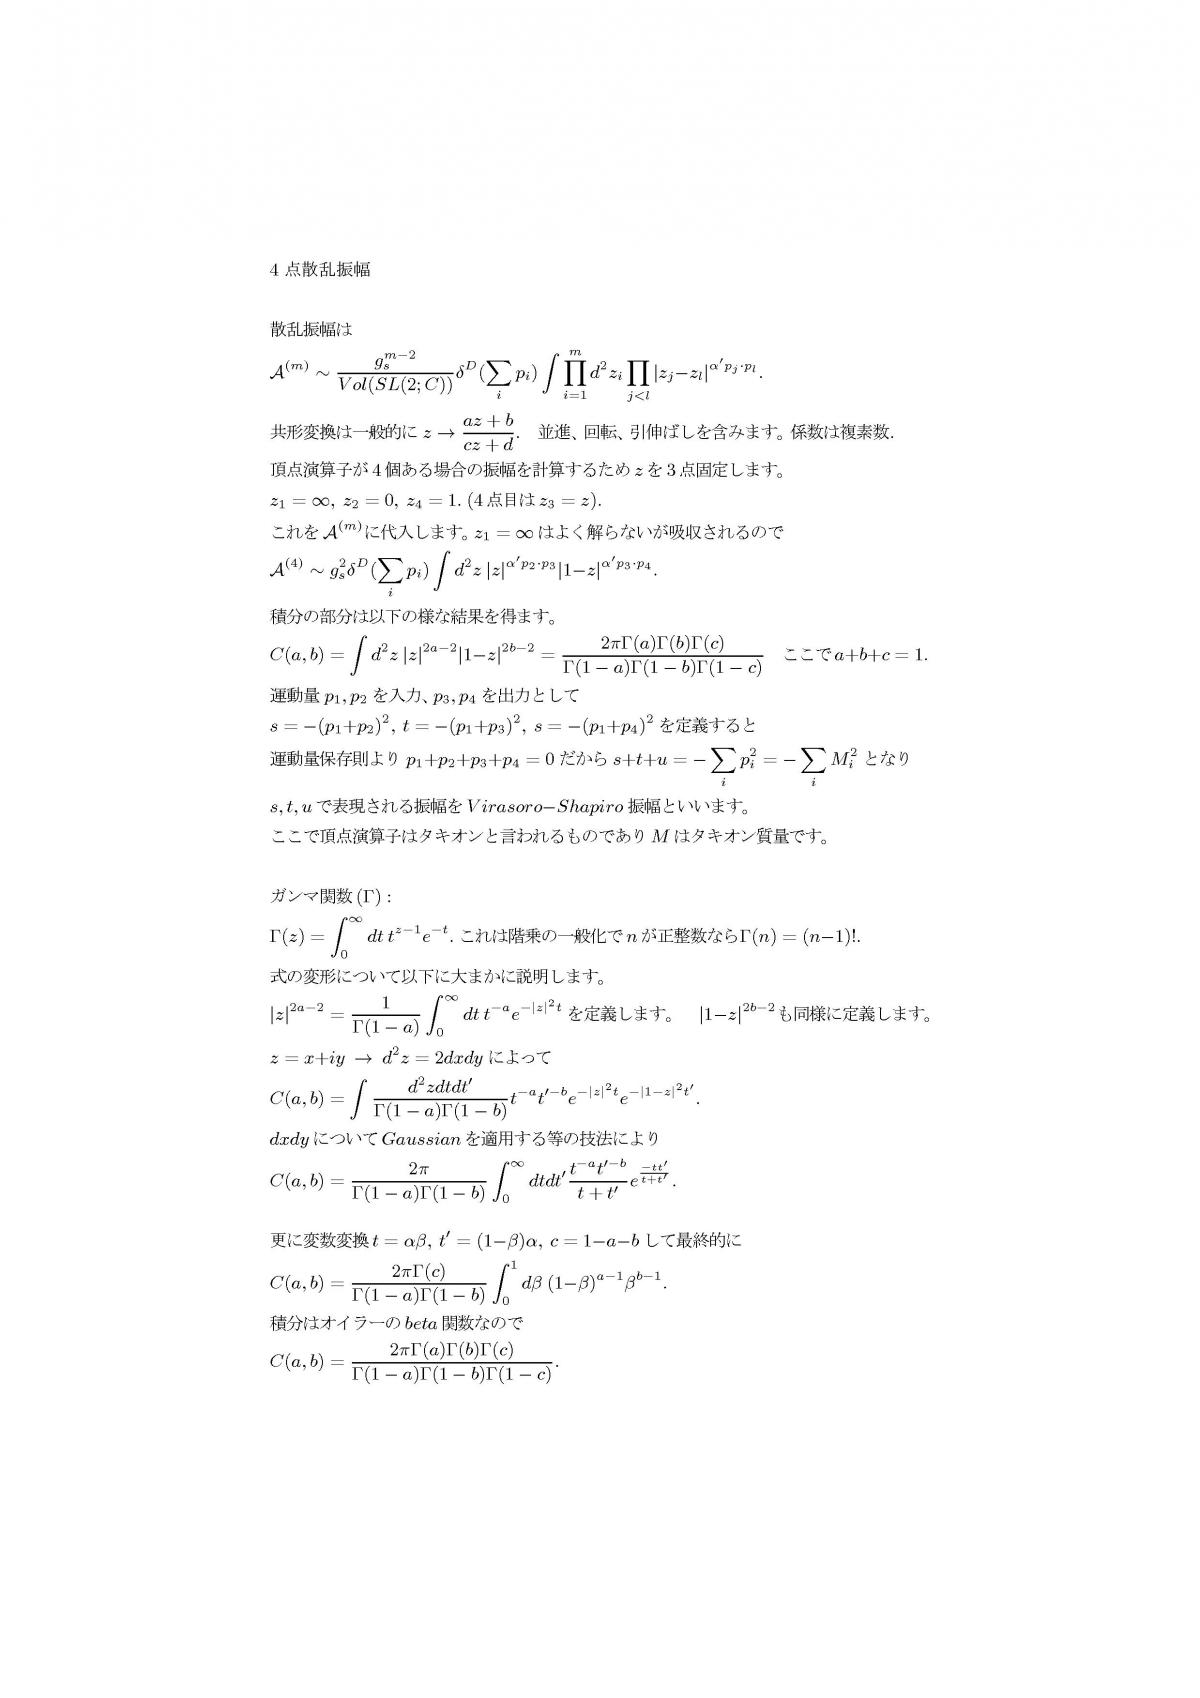 pgen44a.jpg